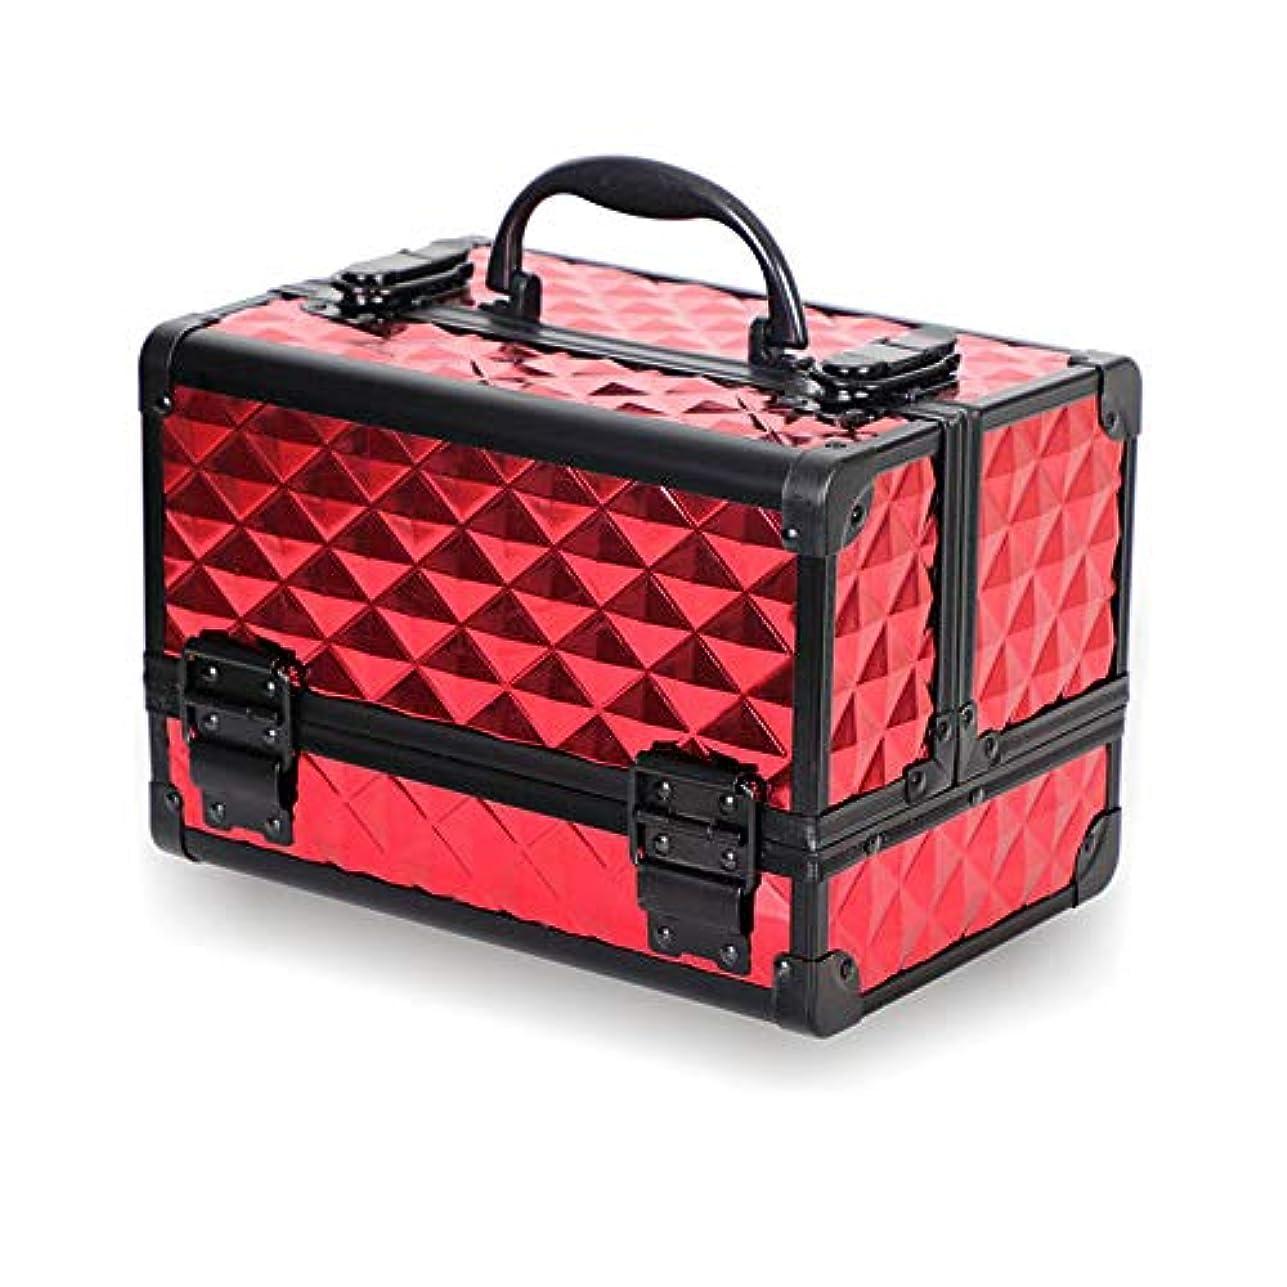 特大スペース収納ビューティーボックス 美の構造のためそしてジッパーおよび折る皿が付いている女の子の女性旅行そして毎日の貯蔵のための高容量の携帯用化粧品袋 化粧品化粧台 (色 : 赤)